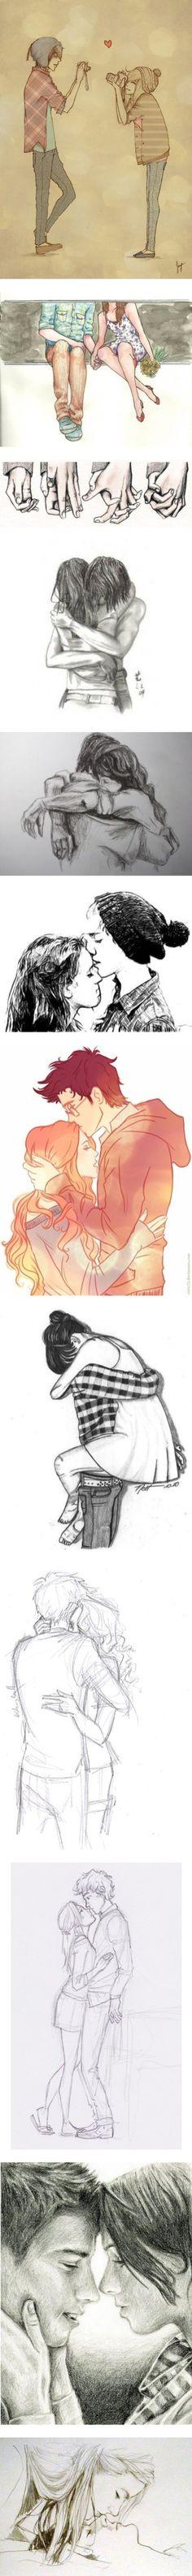 L'amour en dessins